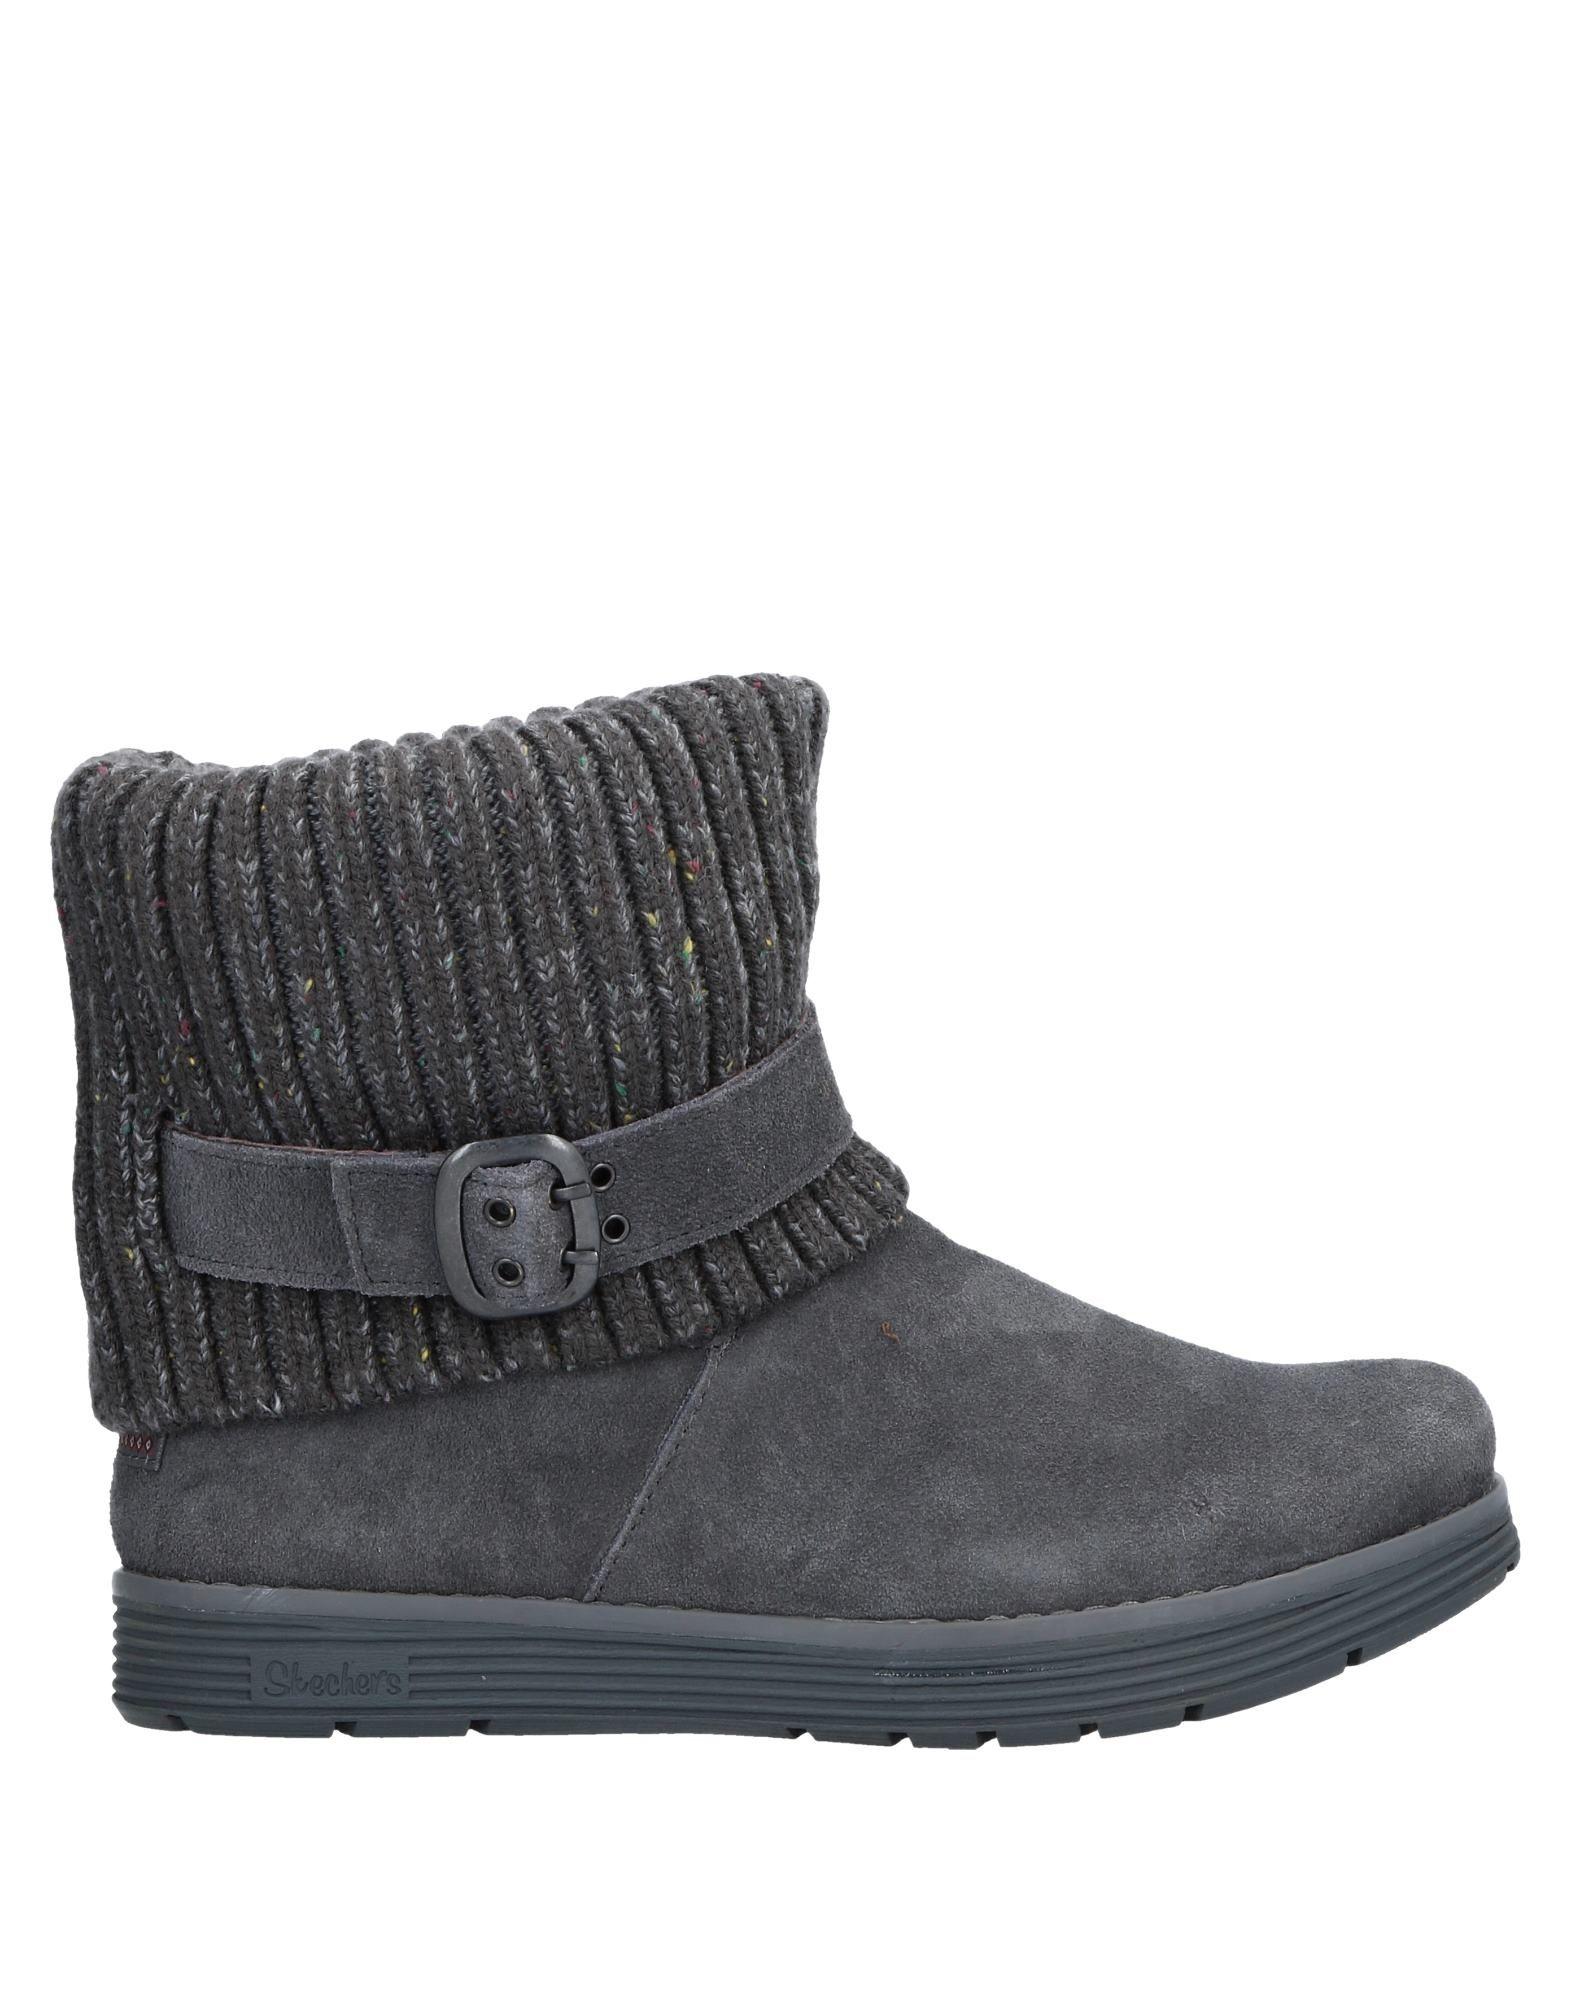 Skechers Stiefelette Damen  11538083PX Gute Qualität beliebte Schuhe